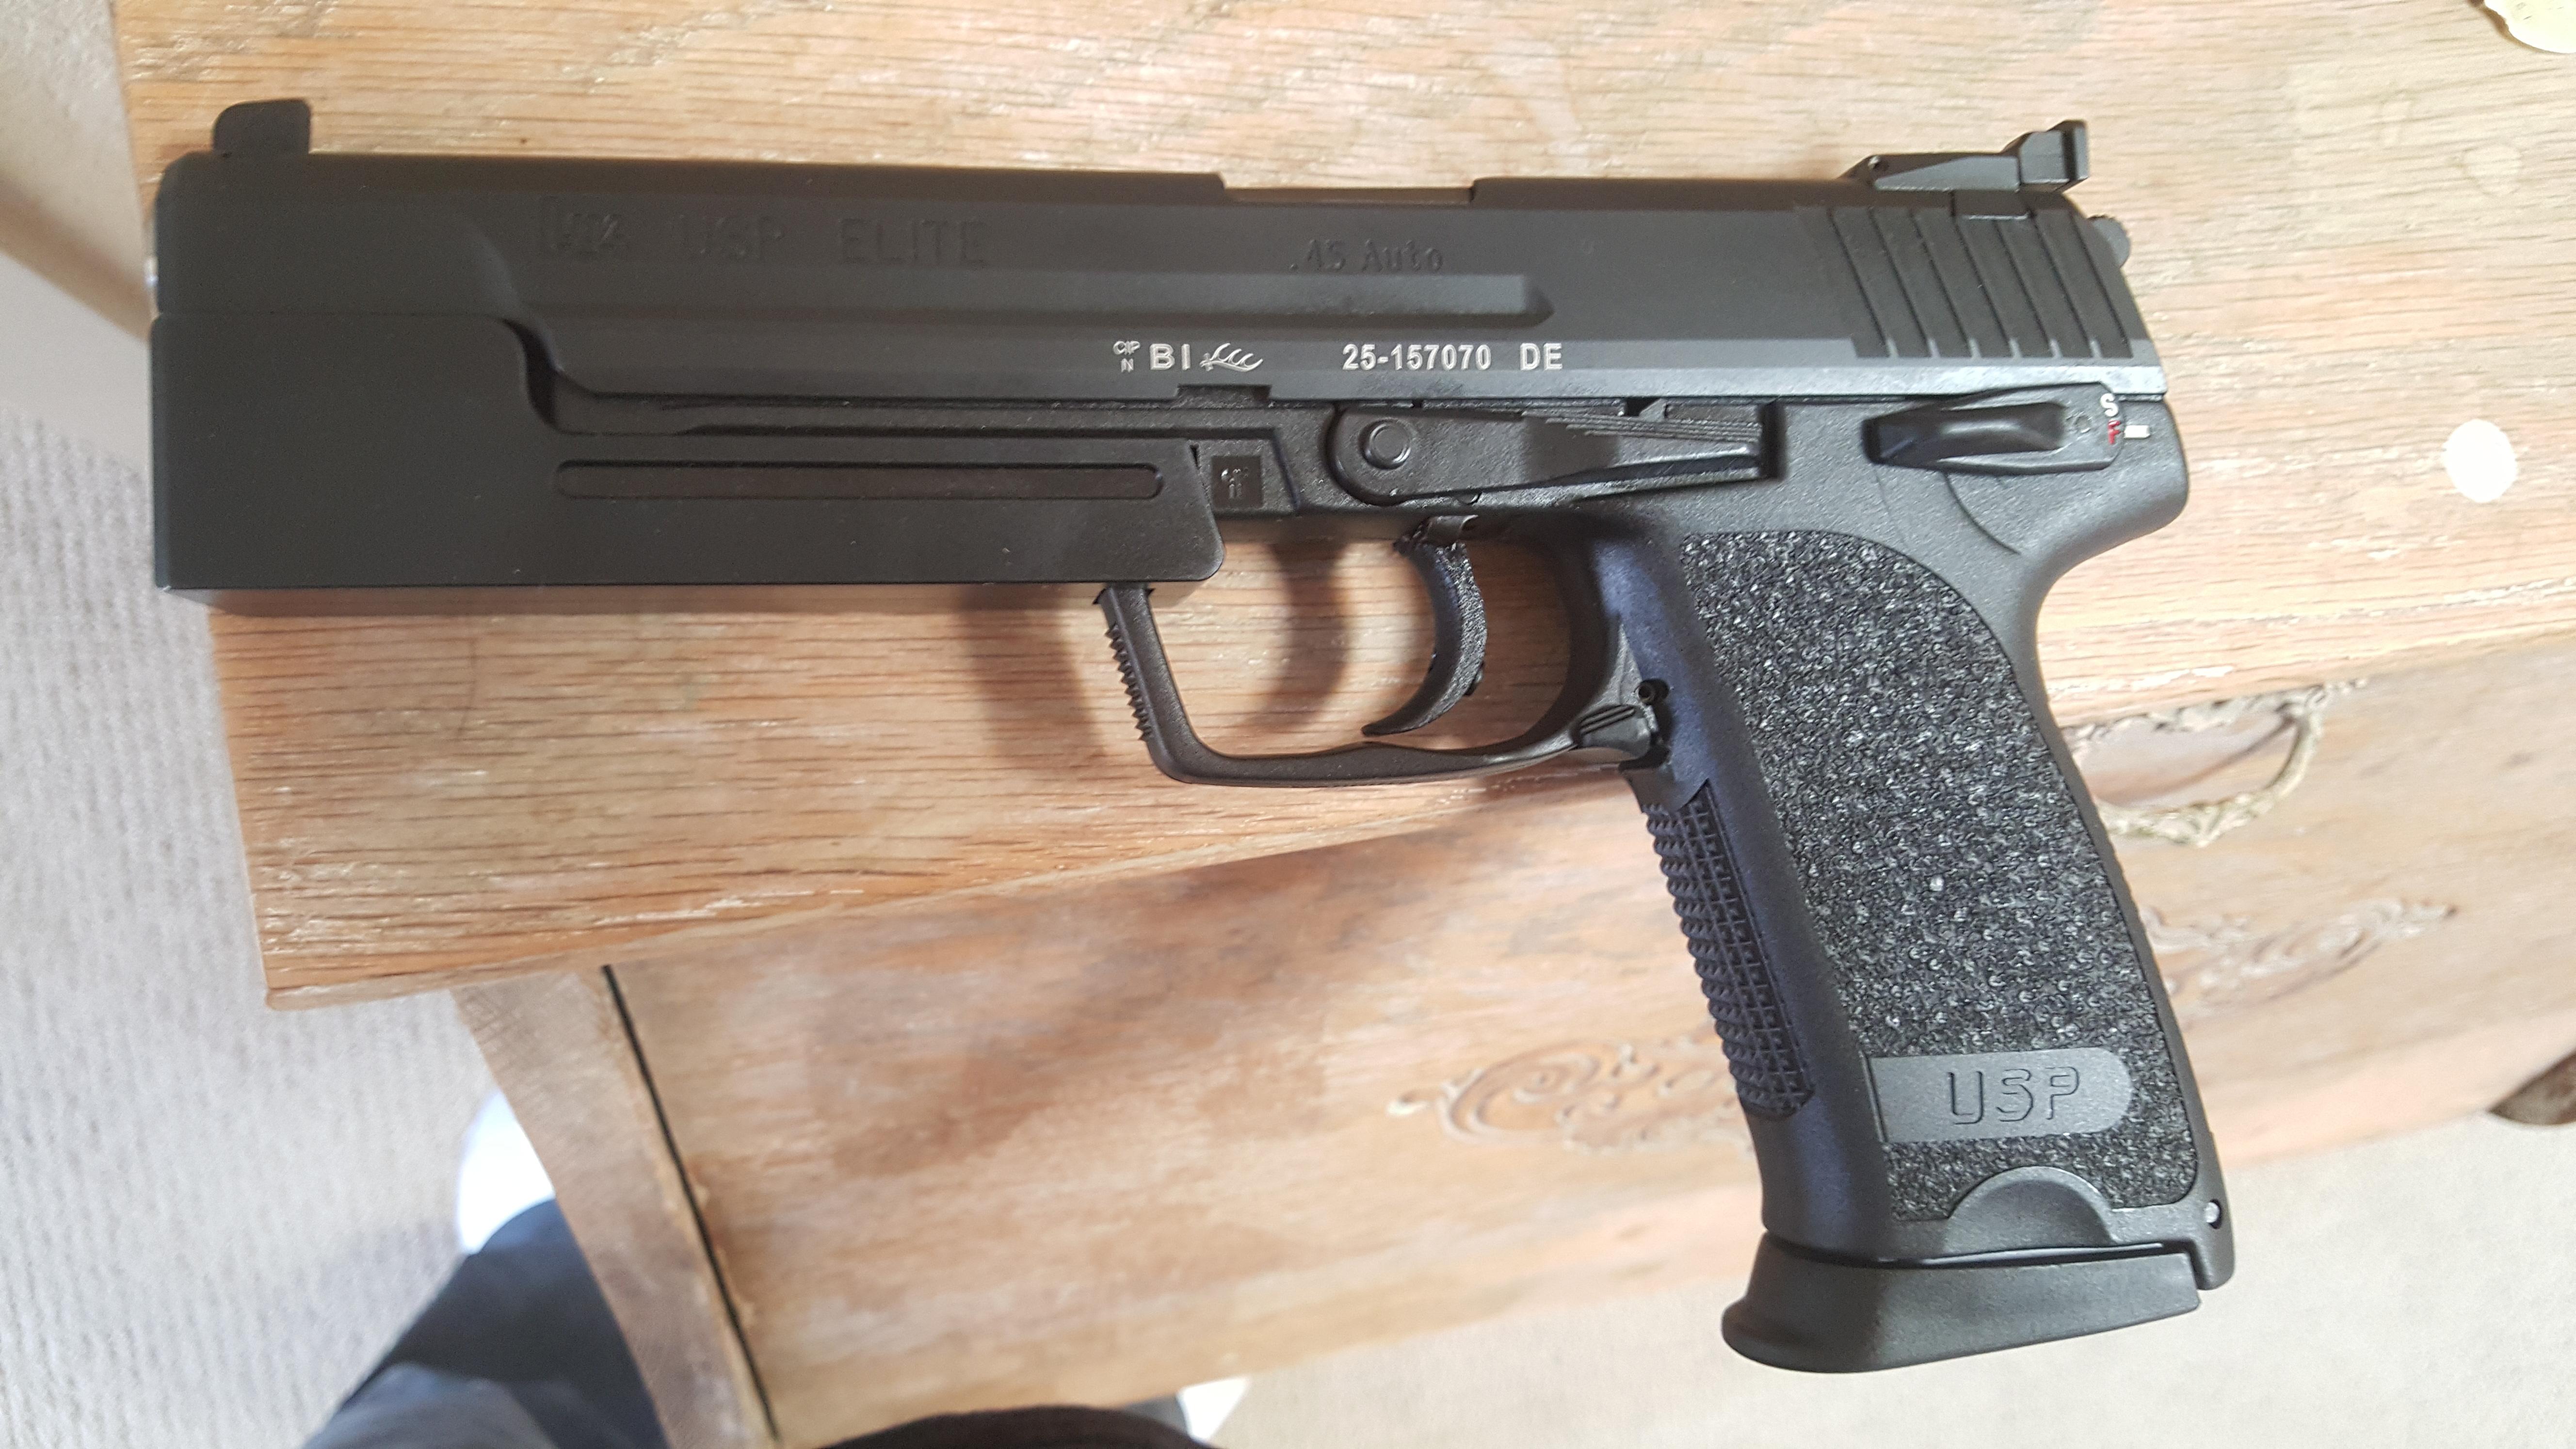 The very scarce HK elite 9mm-20190430_152735.jpg